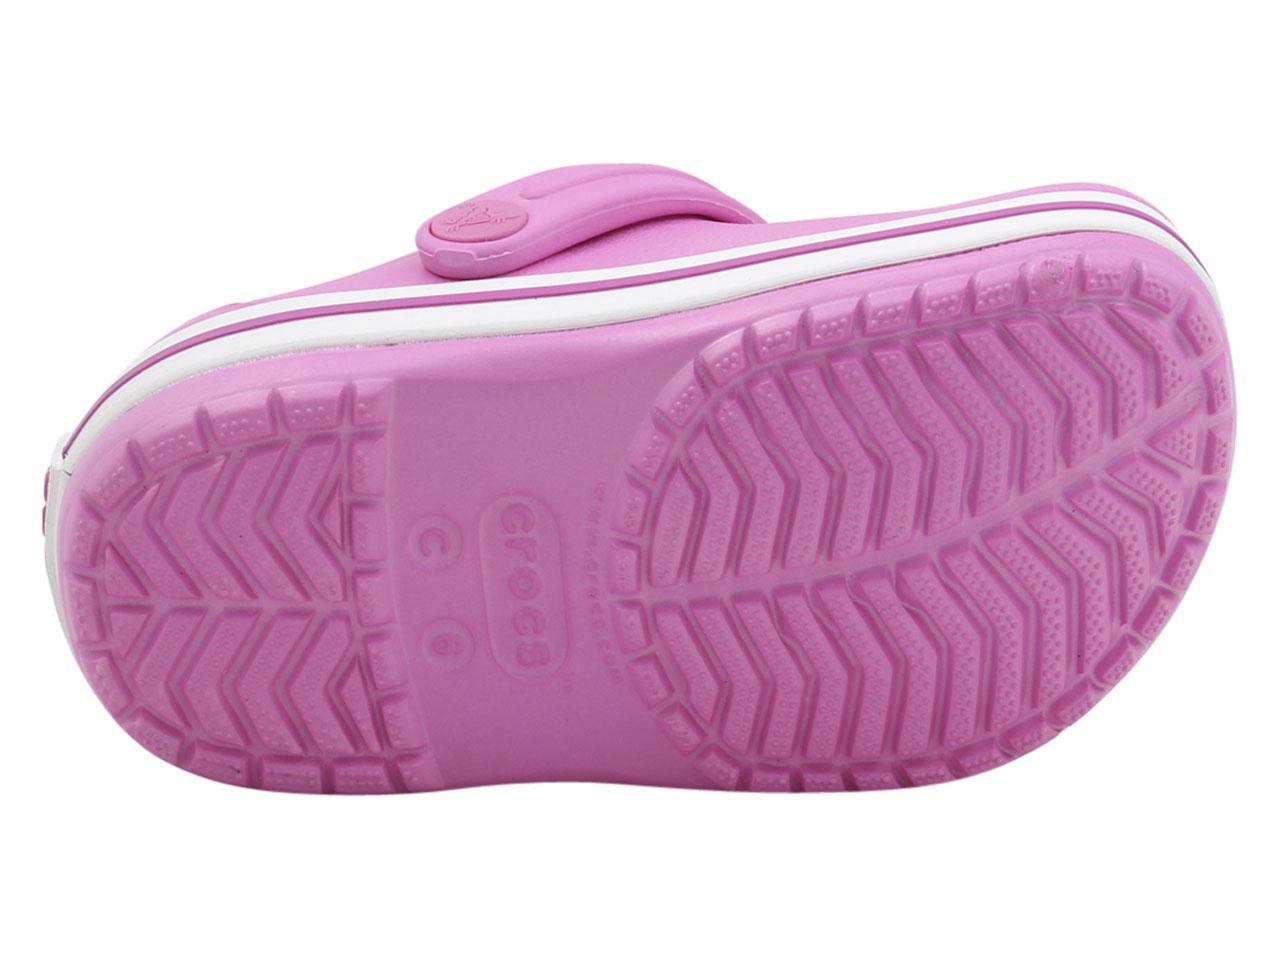 Crocs-Little-Kid-039-s-Crocband-Clogs-Sandals-Shoes thumbnail 14